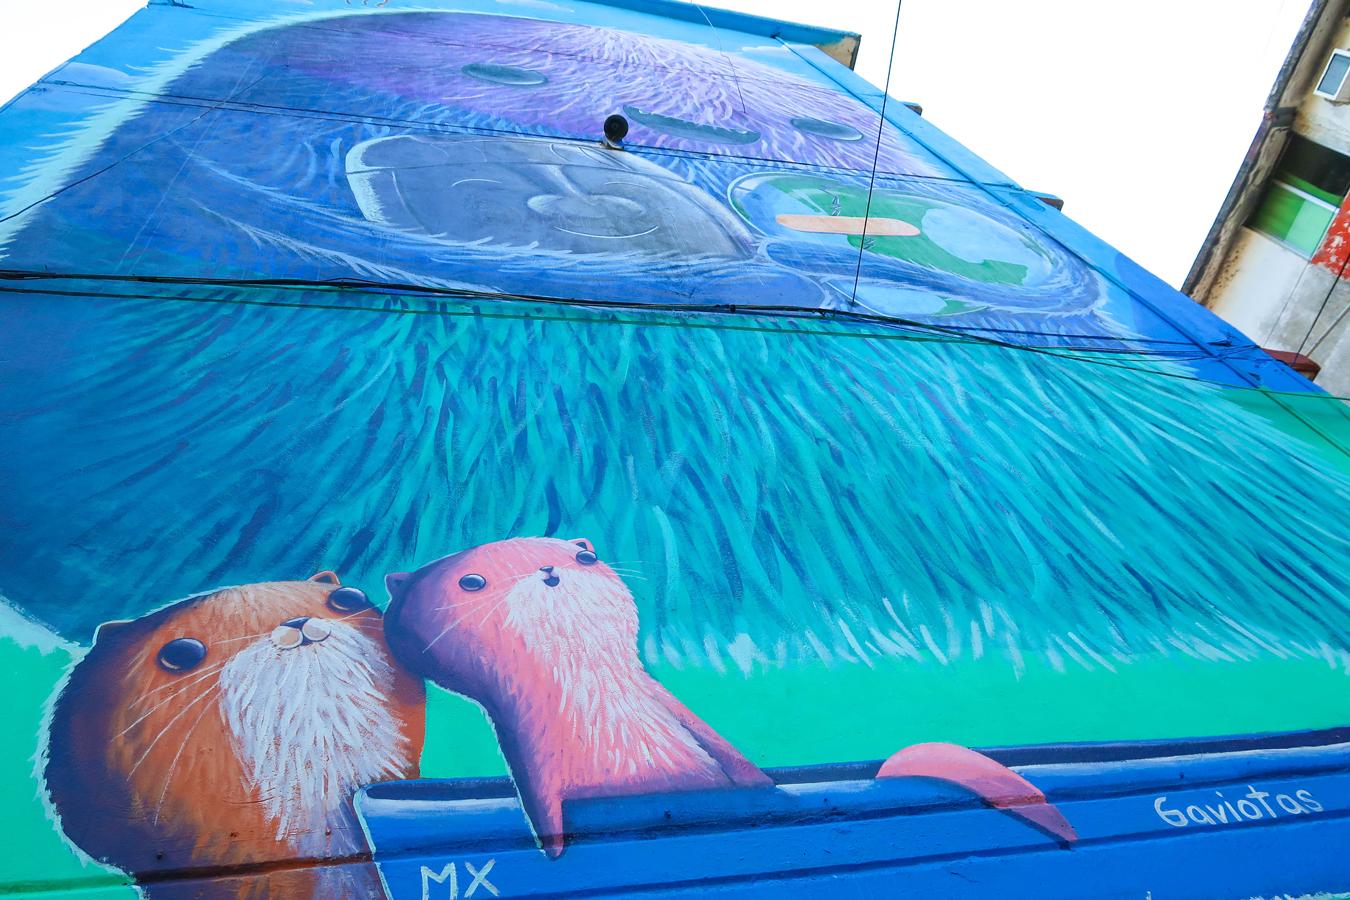 muralist-in-mexico-berlin4